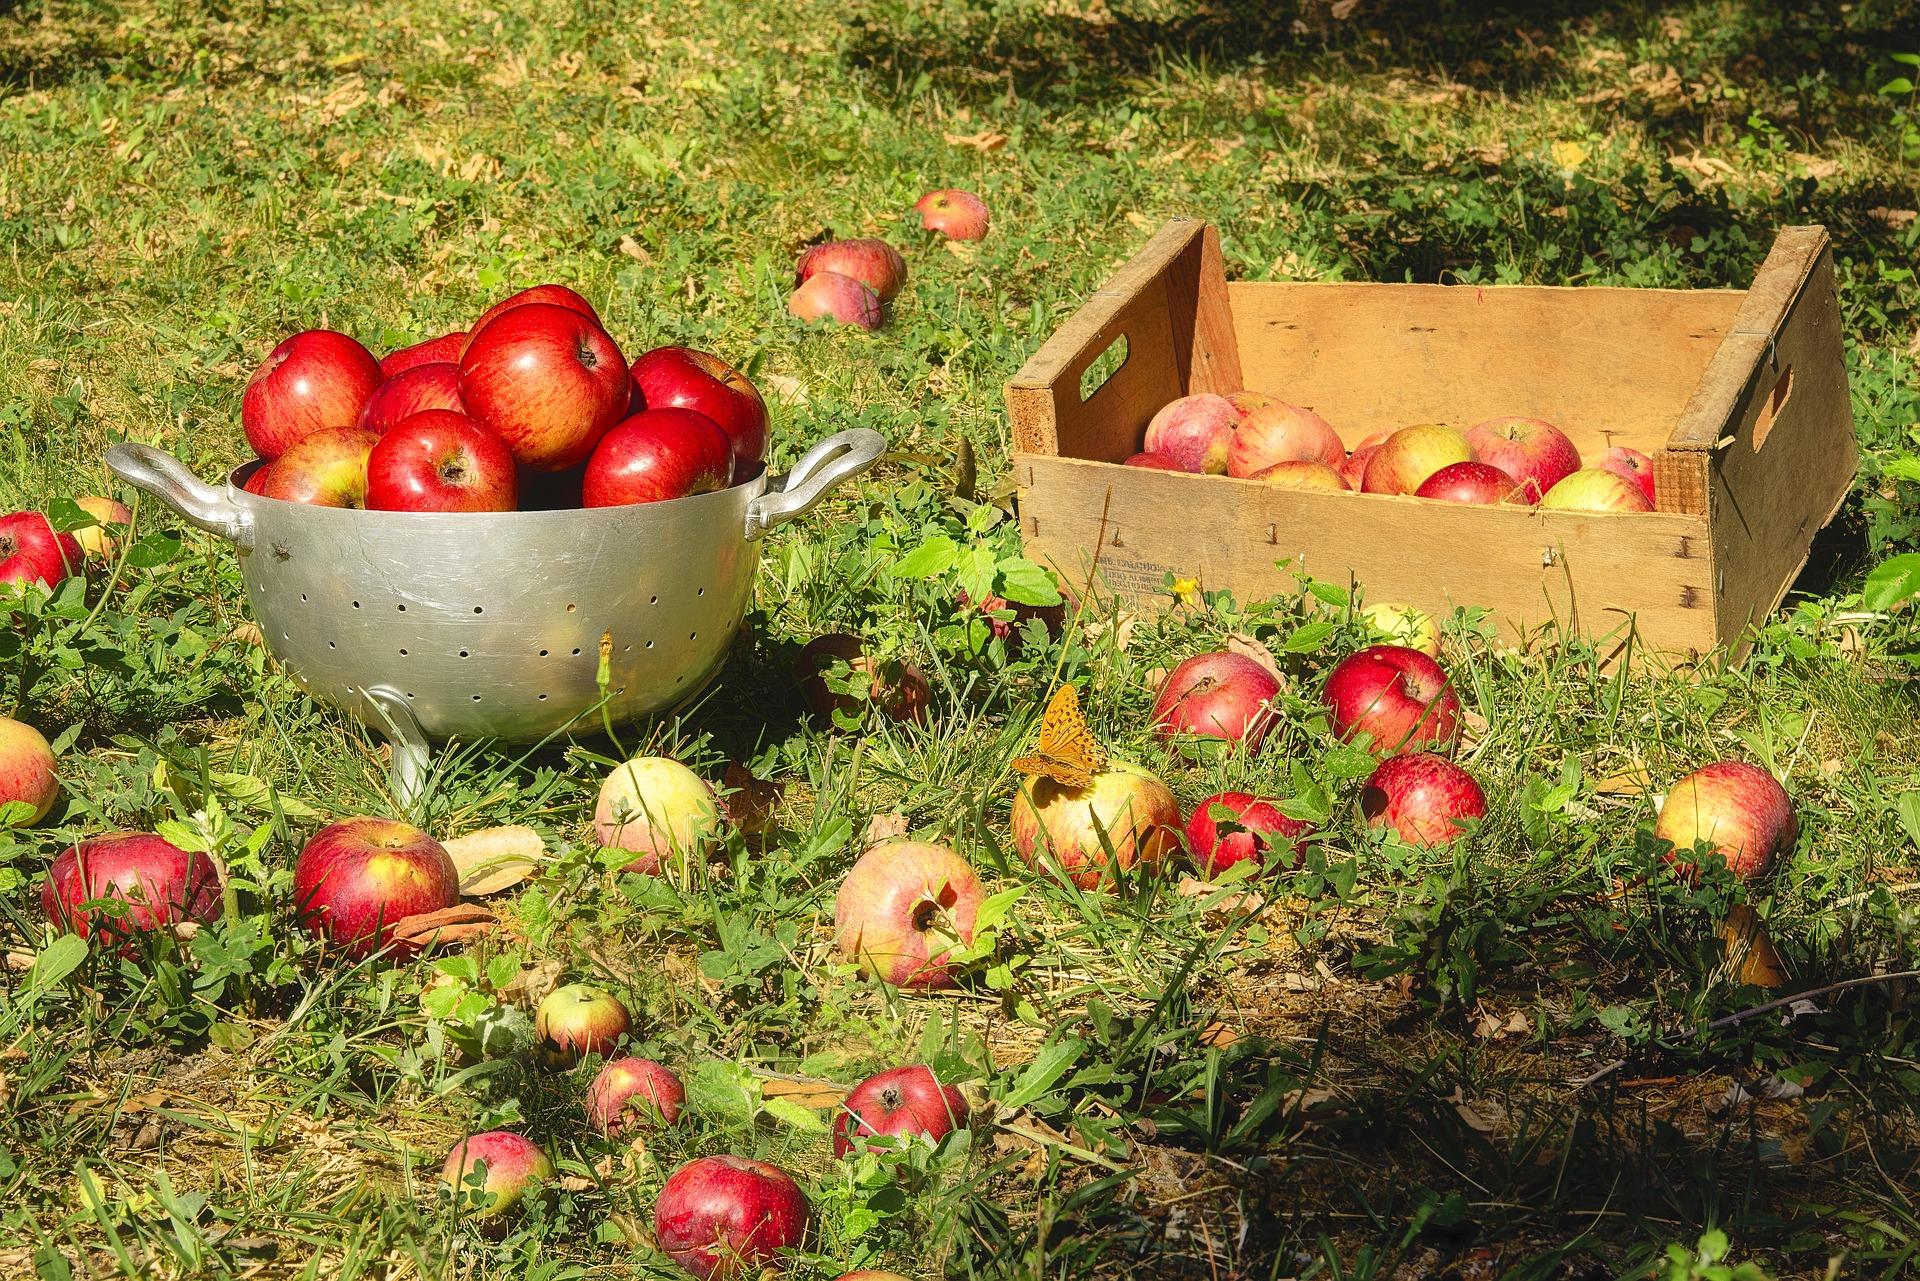 jabłka do wyciśnięcia w koszach po zbiorach